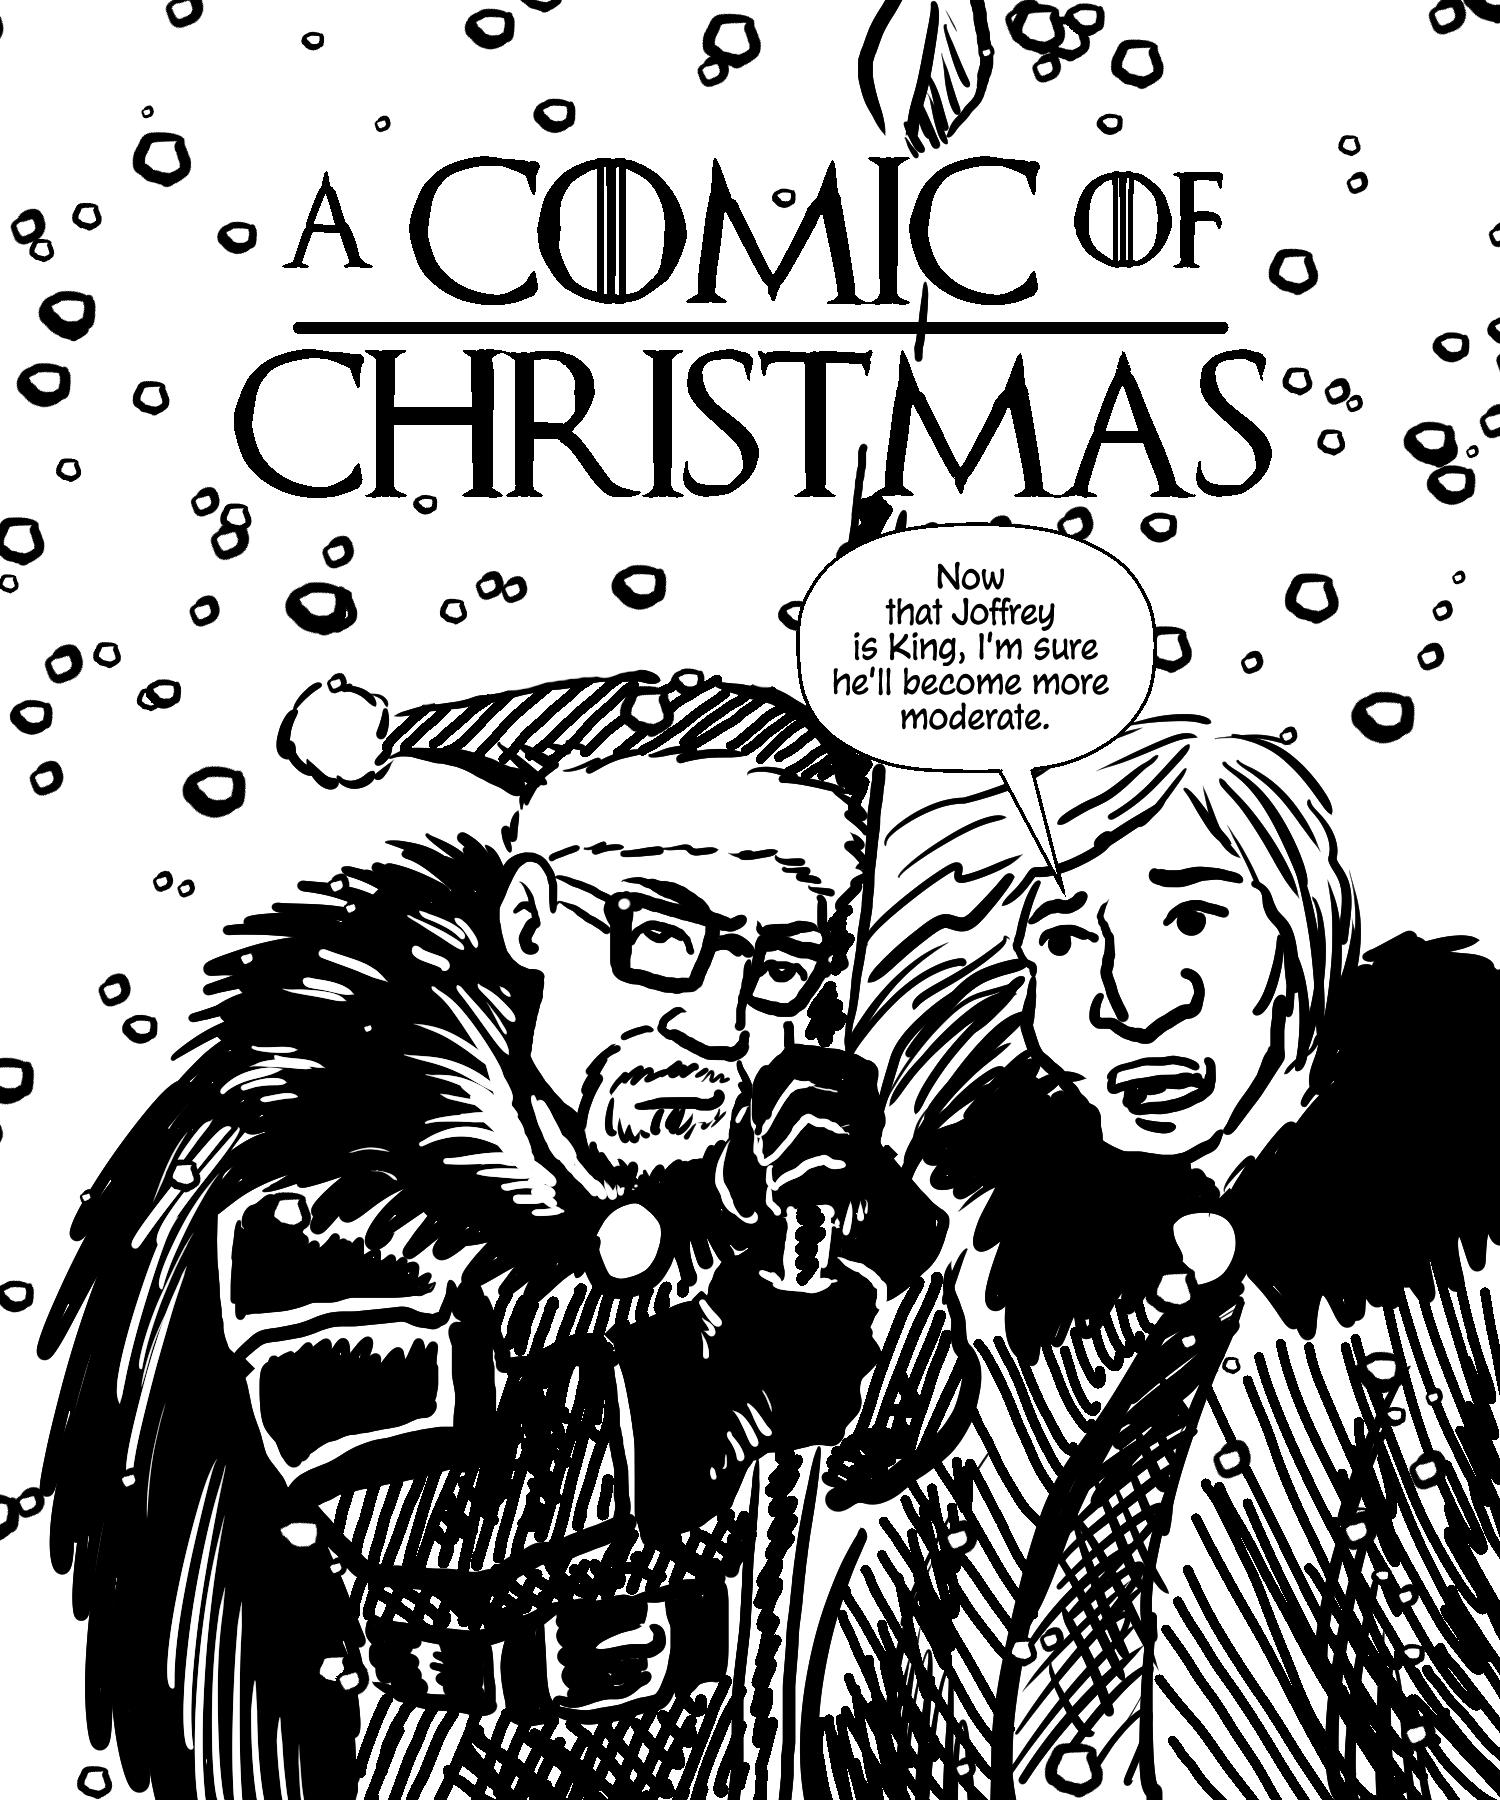 Christmas Comic 2016 01